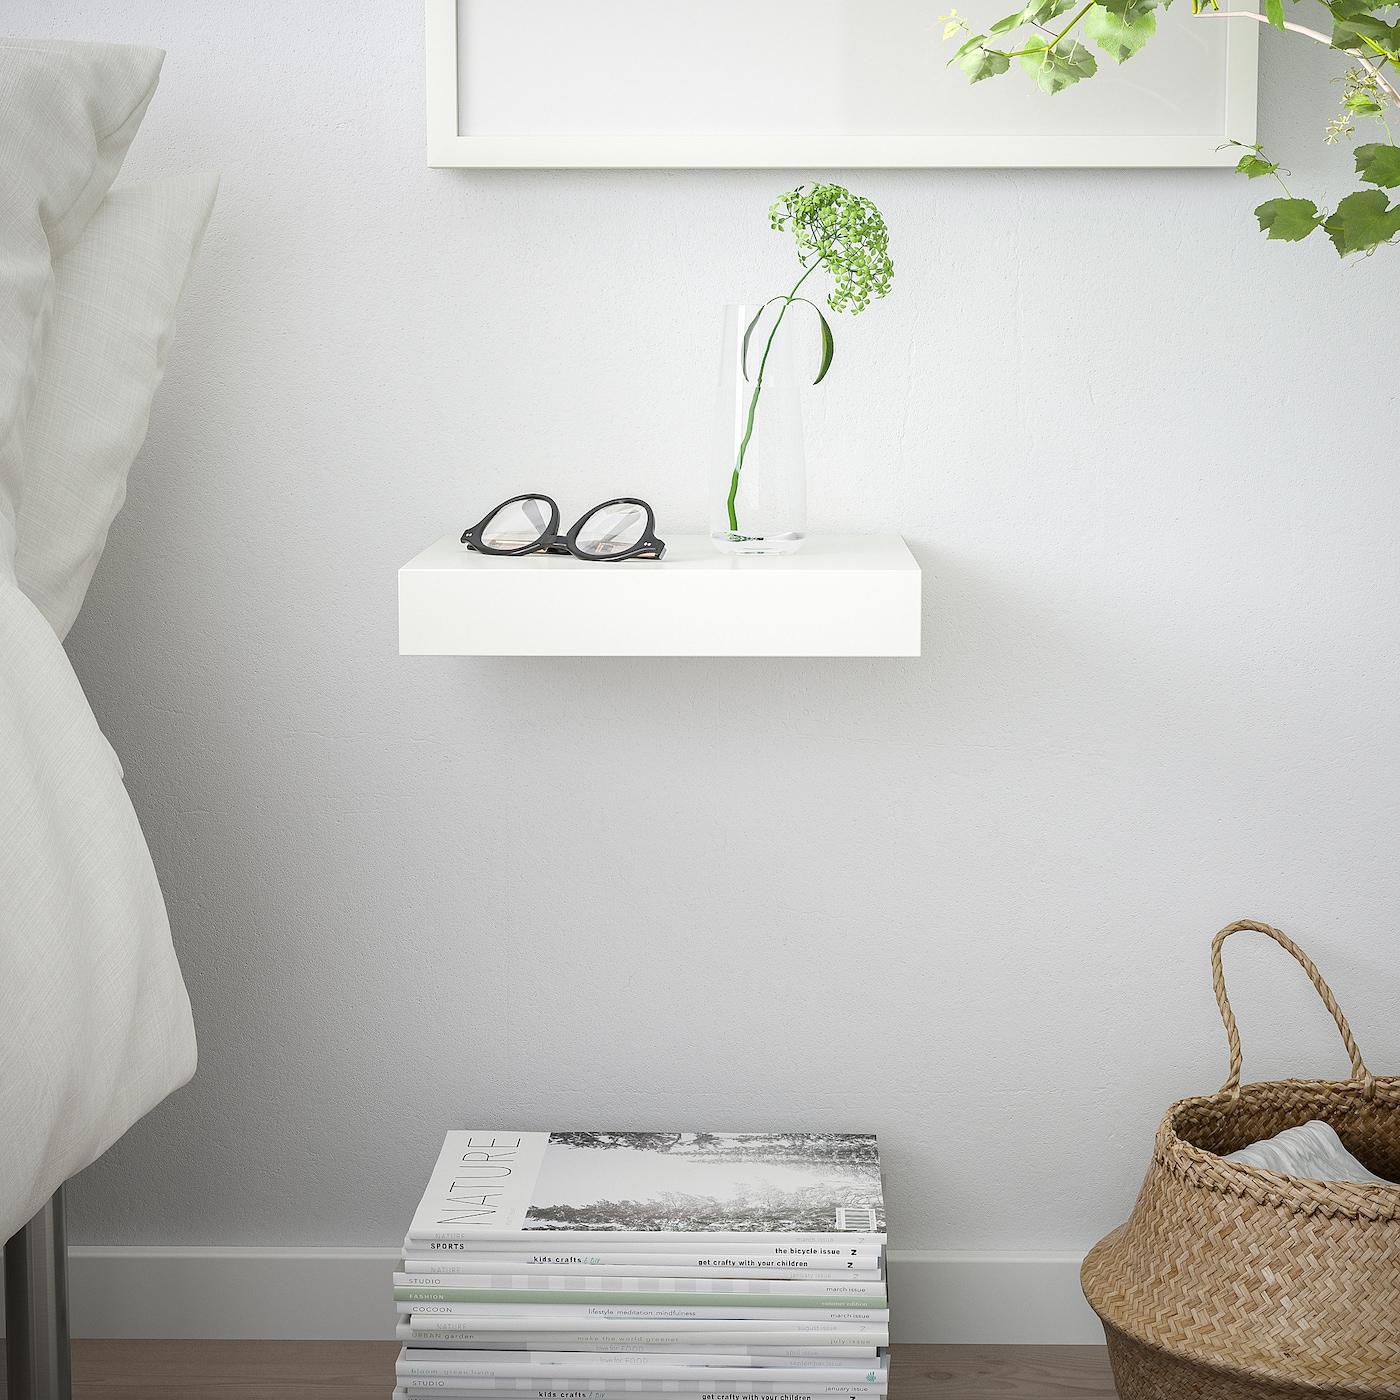 LACK Wall shelf - white 4x4 cm